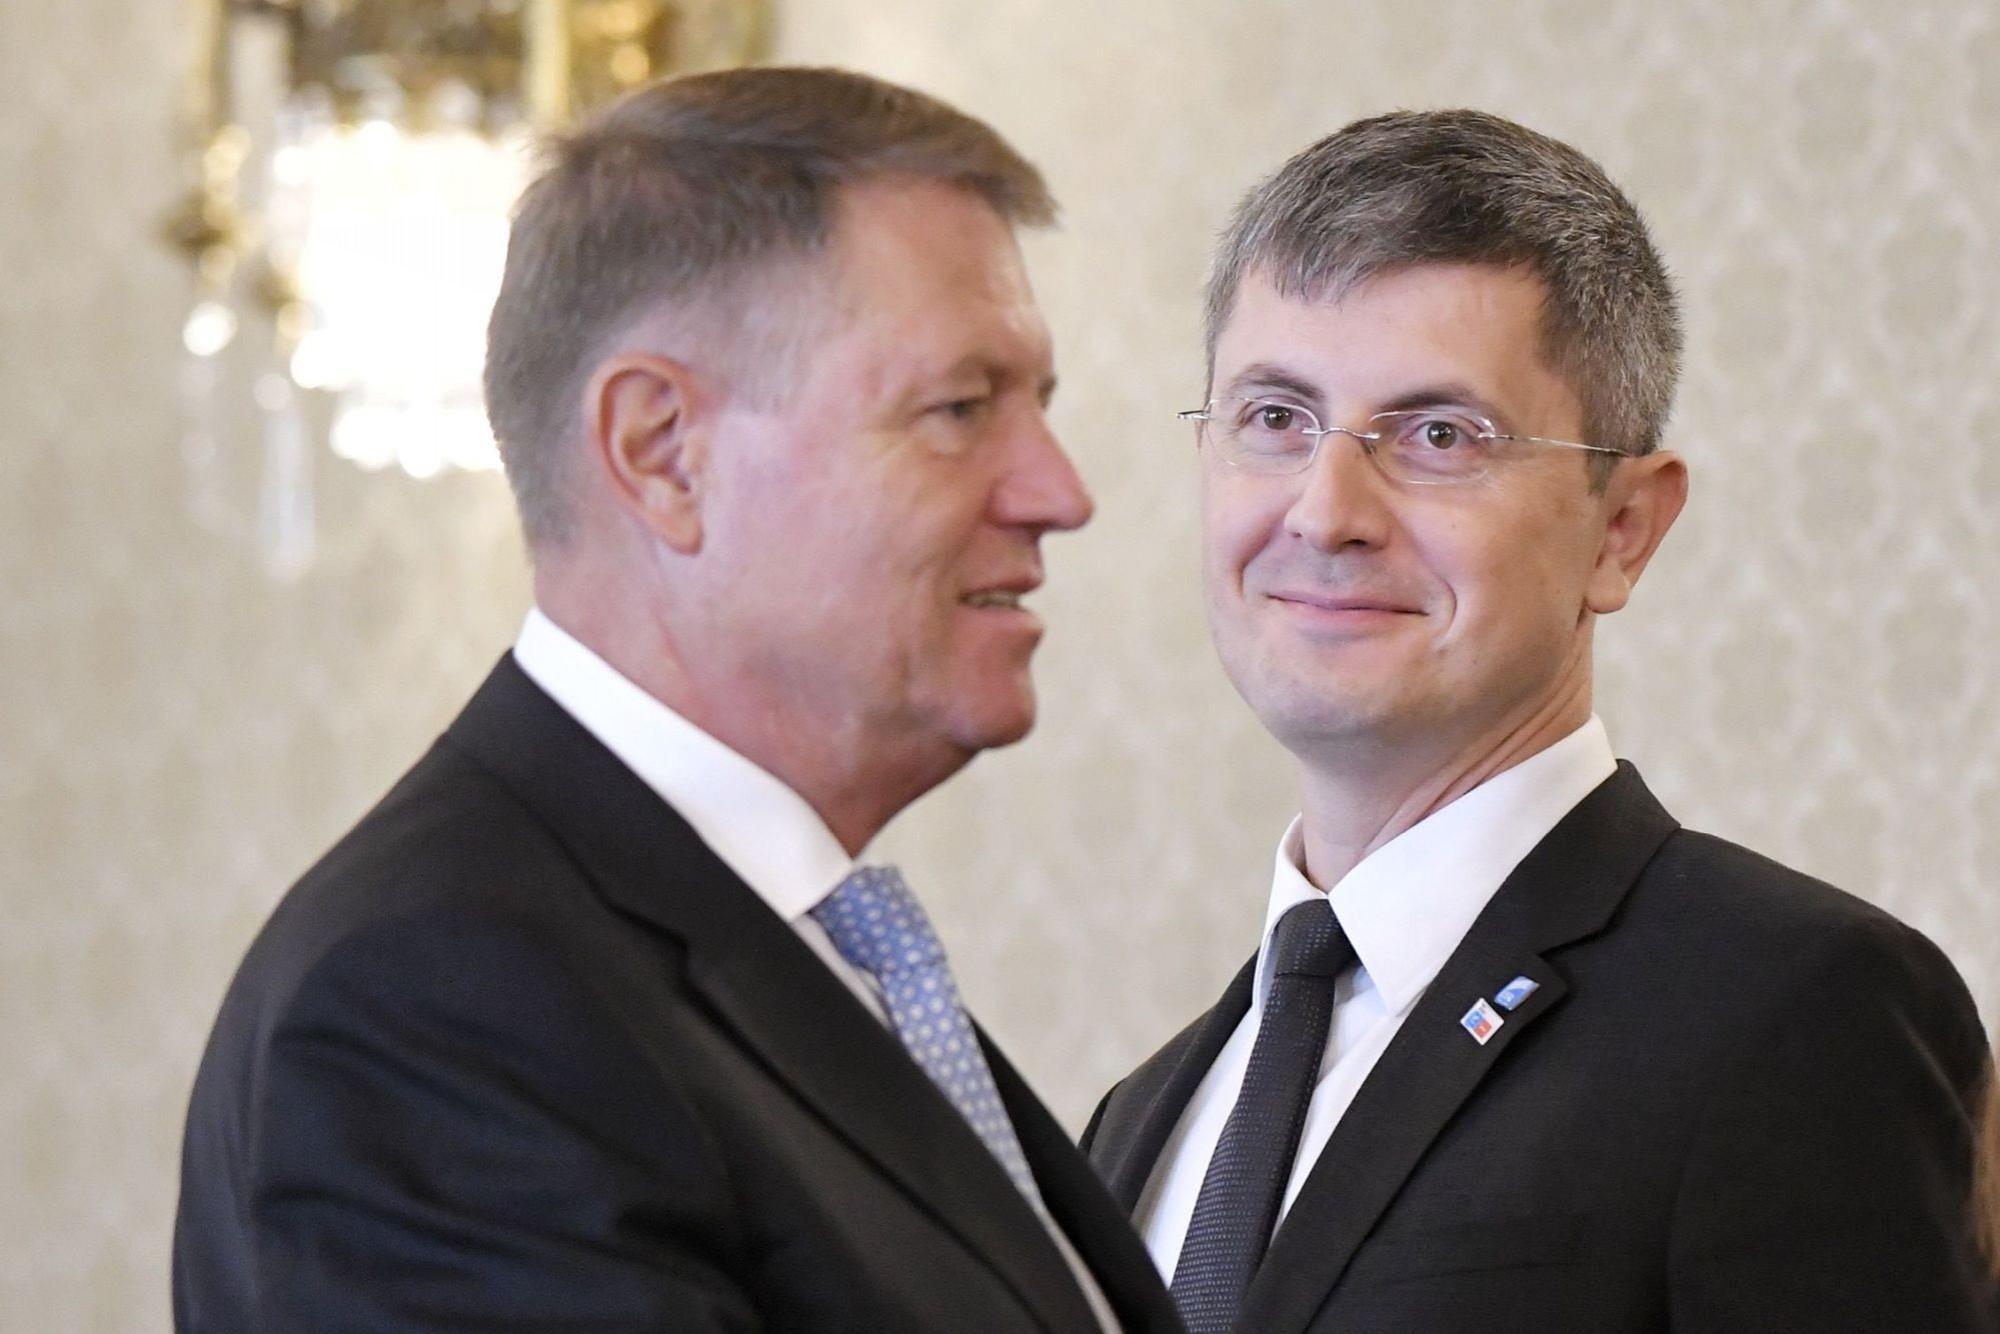 Dan Barna, după întâlnirea cu Klaus Iohannis: Mesajul preşedintelui a fost că ne aflăm într-o situaţie complicată. Şi nu glumesc